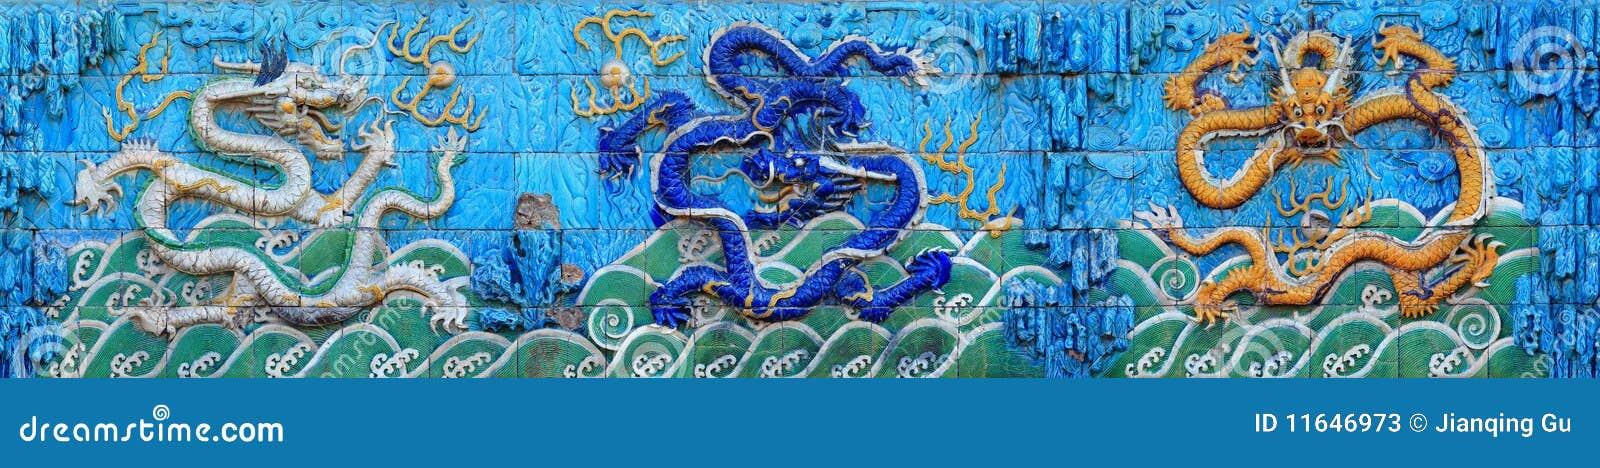 De Muur van de draak